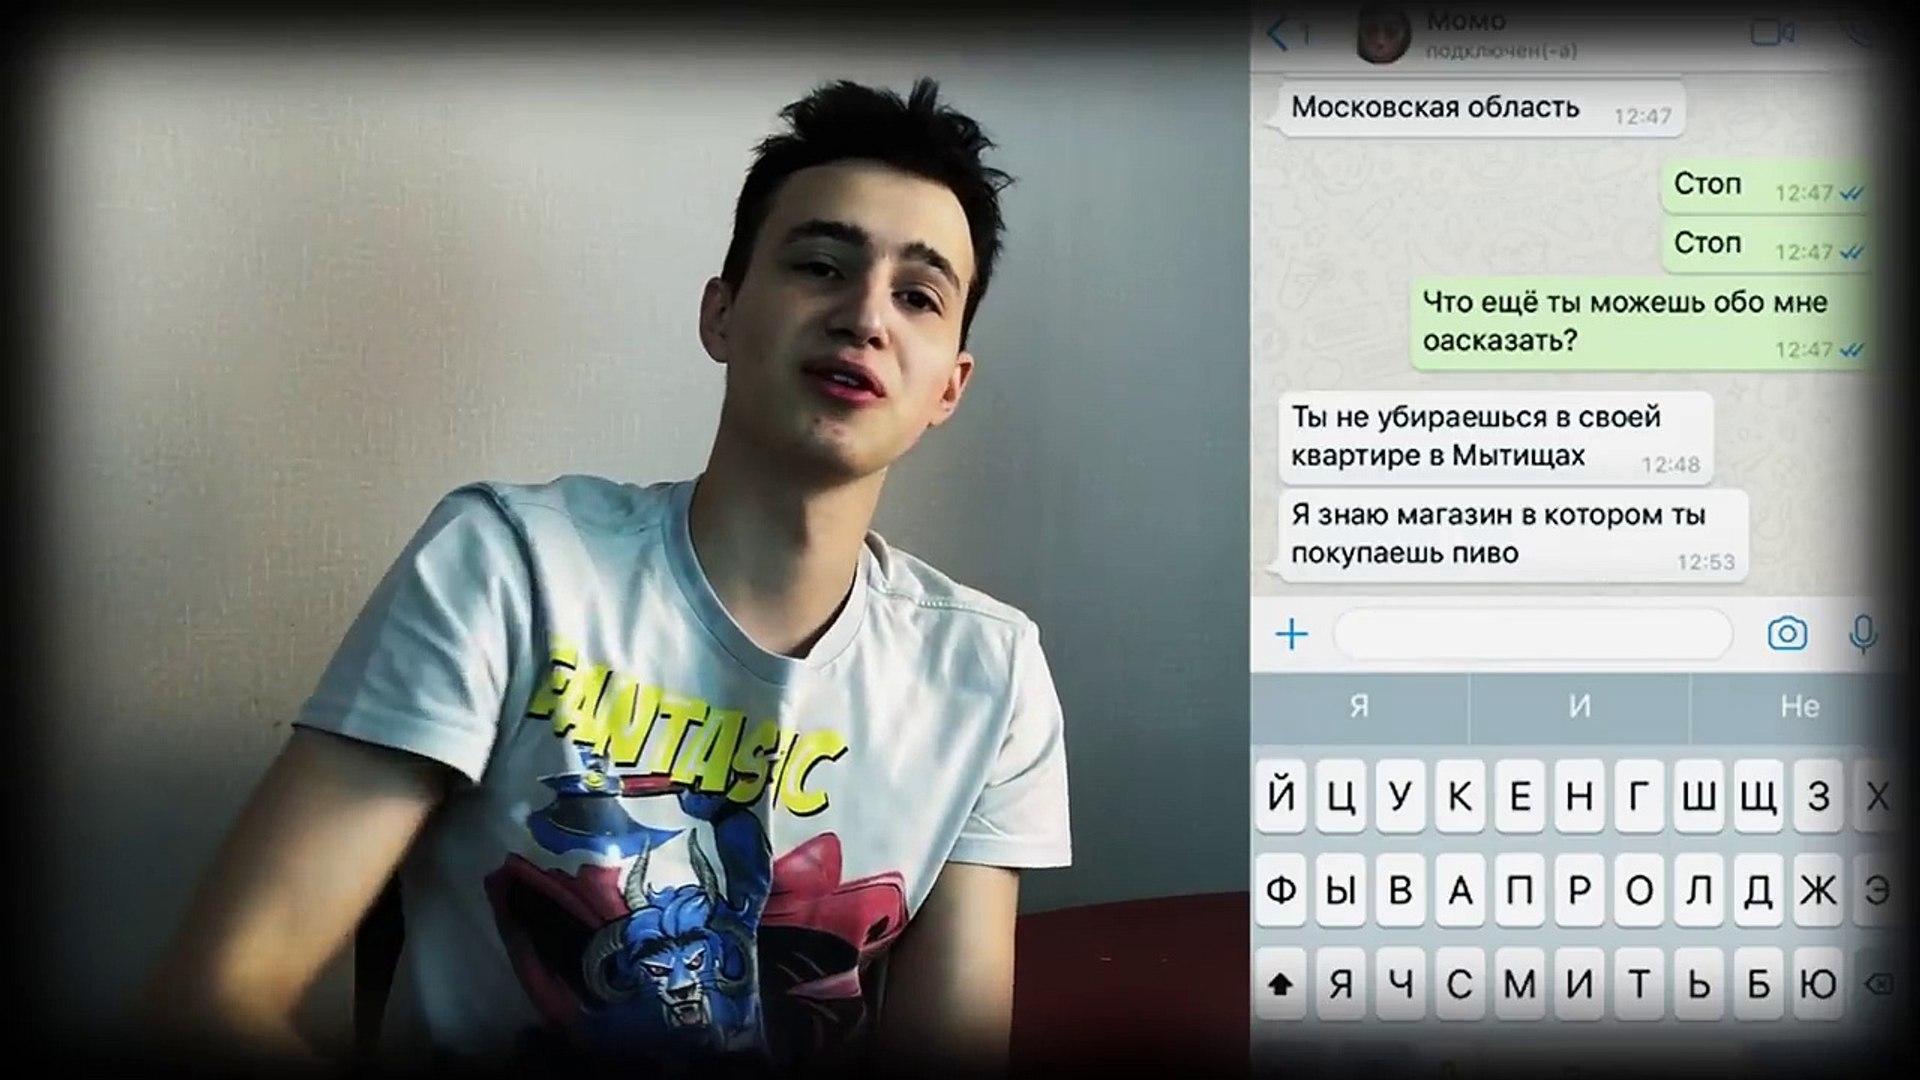 МОМО ПОЗВОНИЛА ПО WhatsApp | ВЫПРЫГНУЛ ИЗ ОКНА